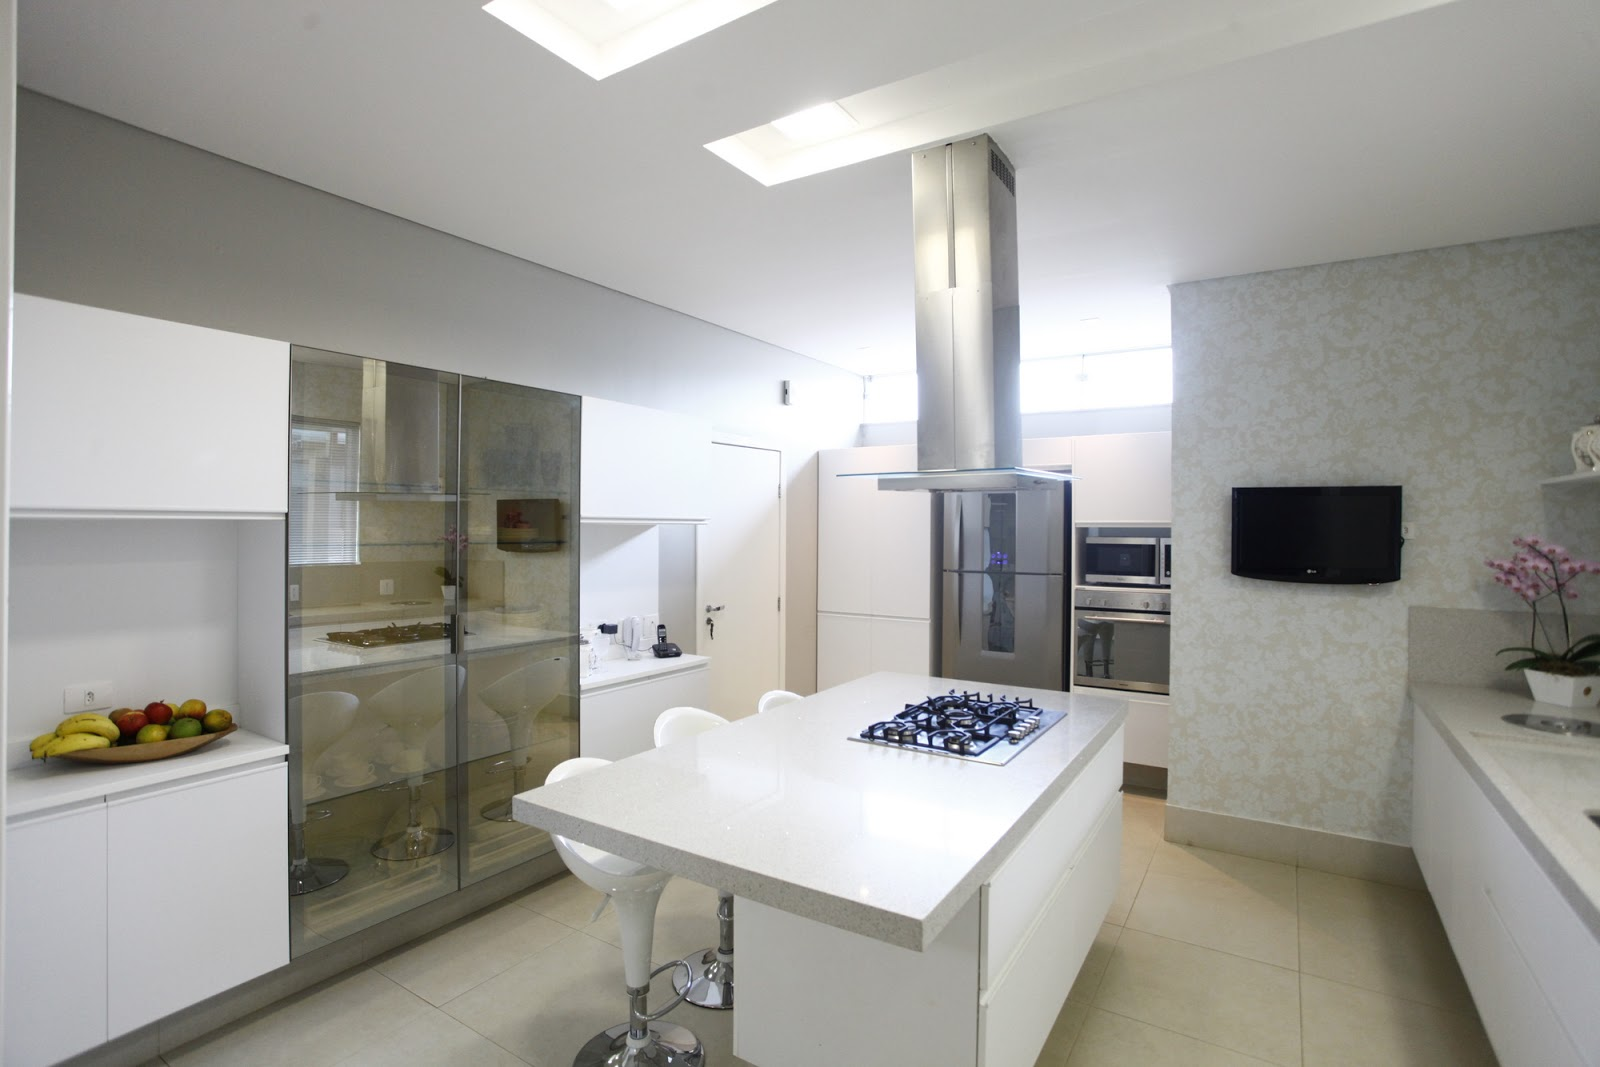 #5A4F3D Construindo Minha Casa Clean: Decoração de Cozinhas Brancas Modernas  474 Janelas Duplas Madeira